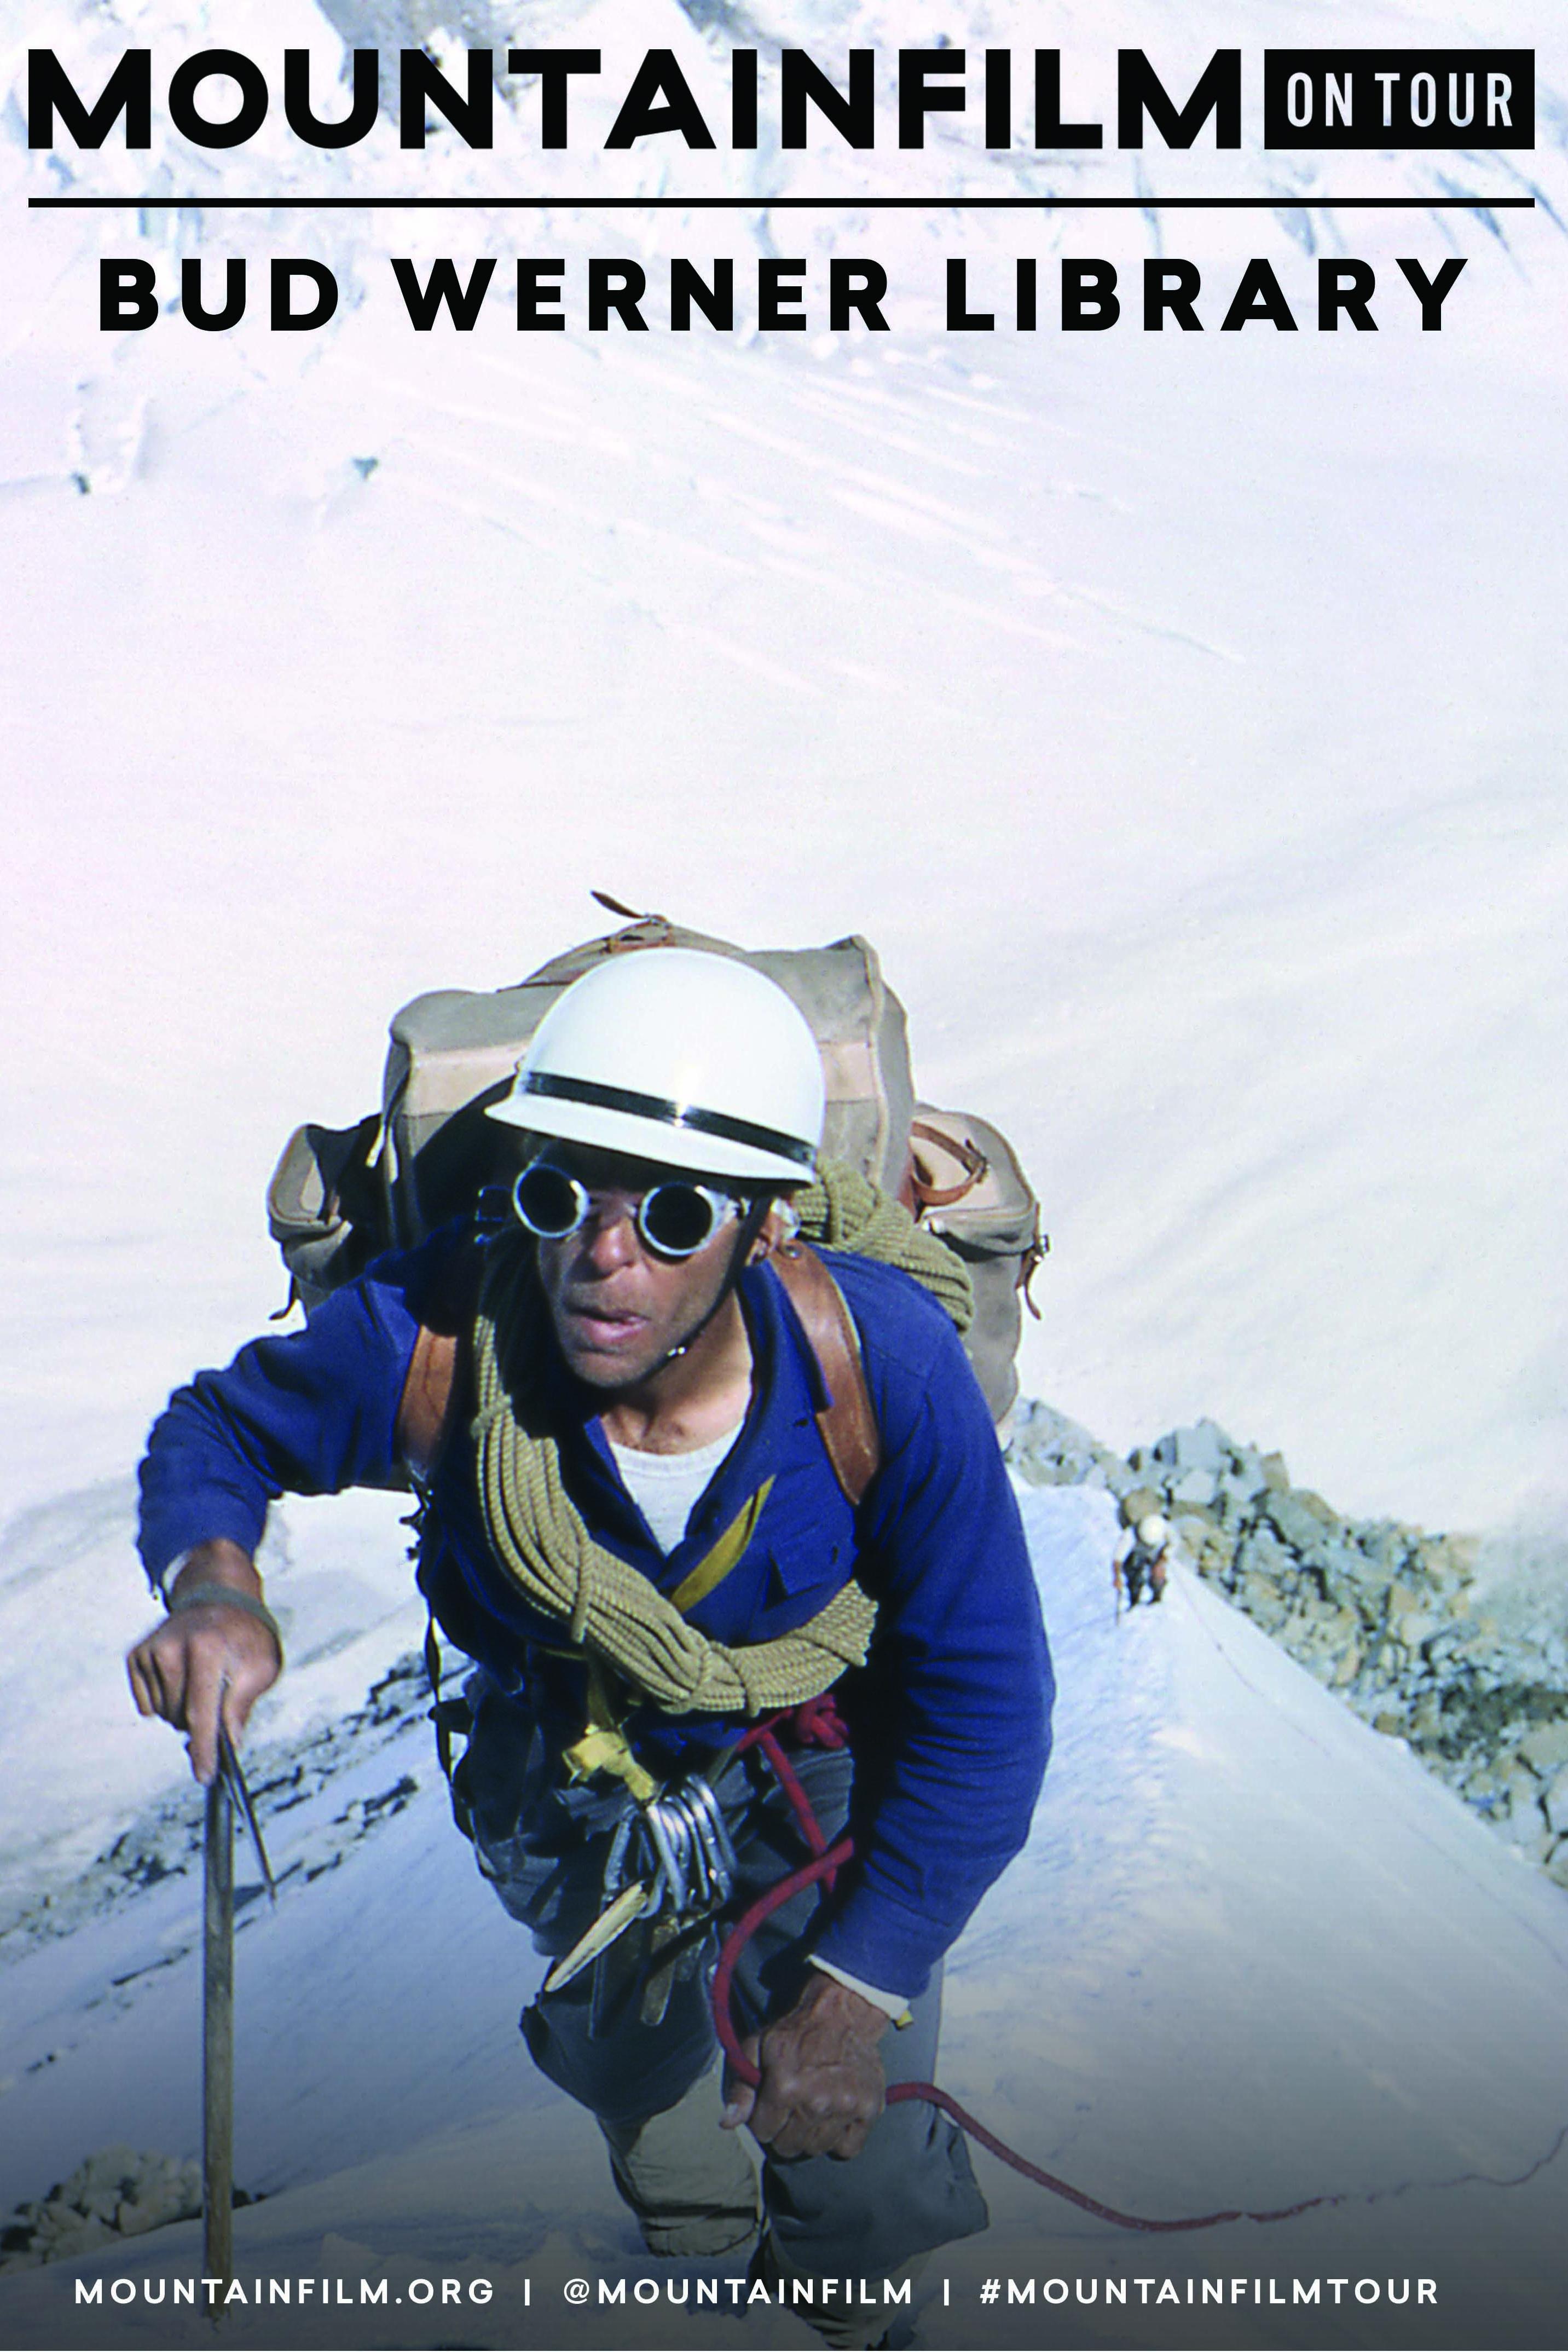 Virtual 2020 Mountainfilm on Tour